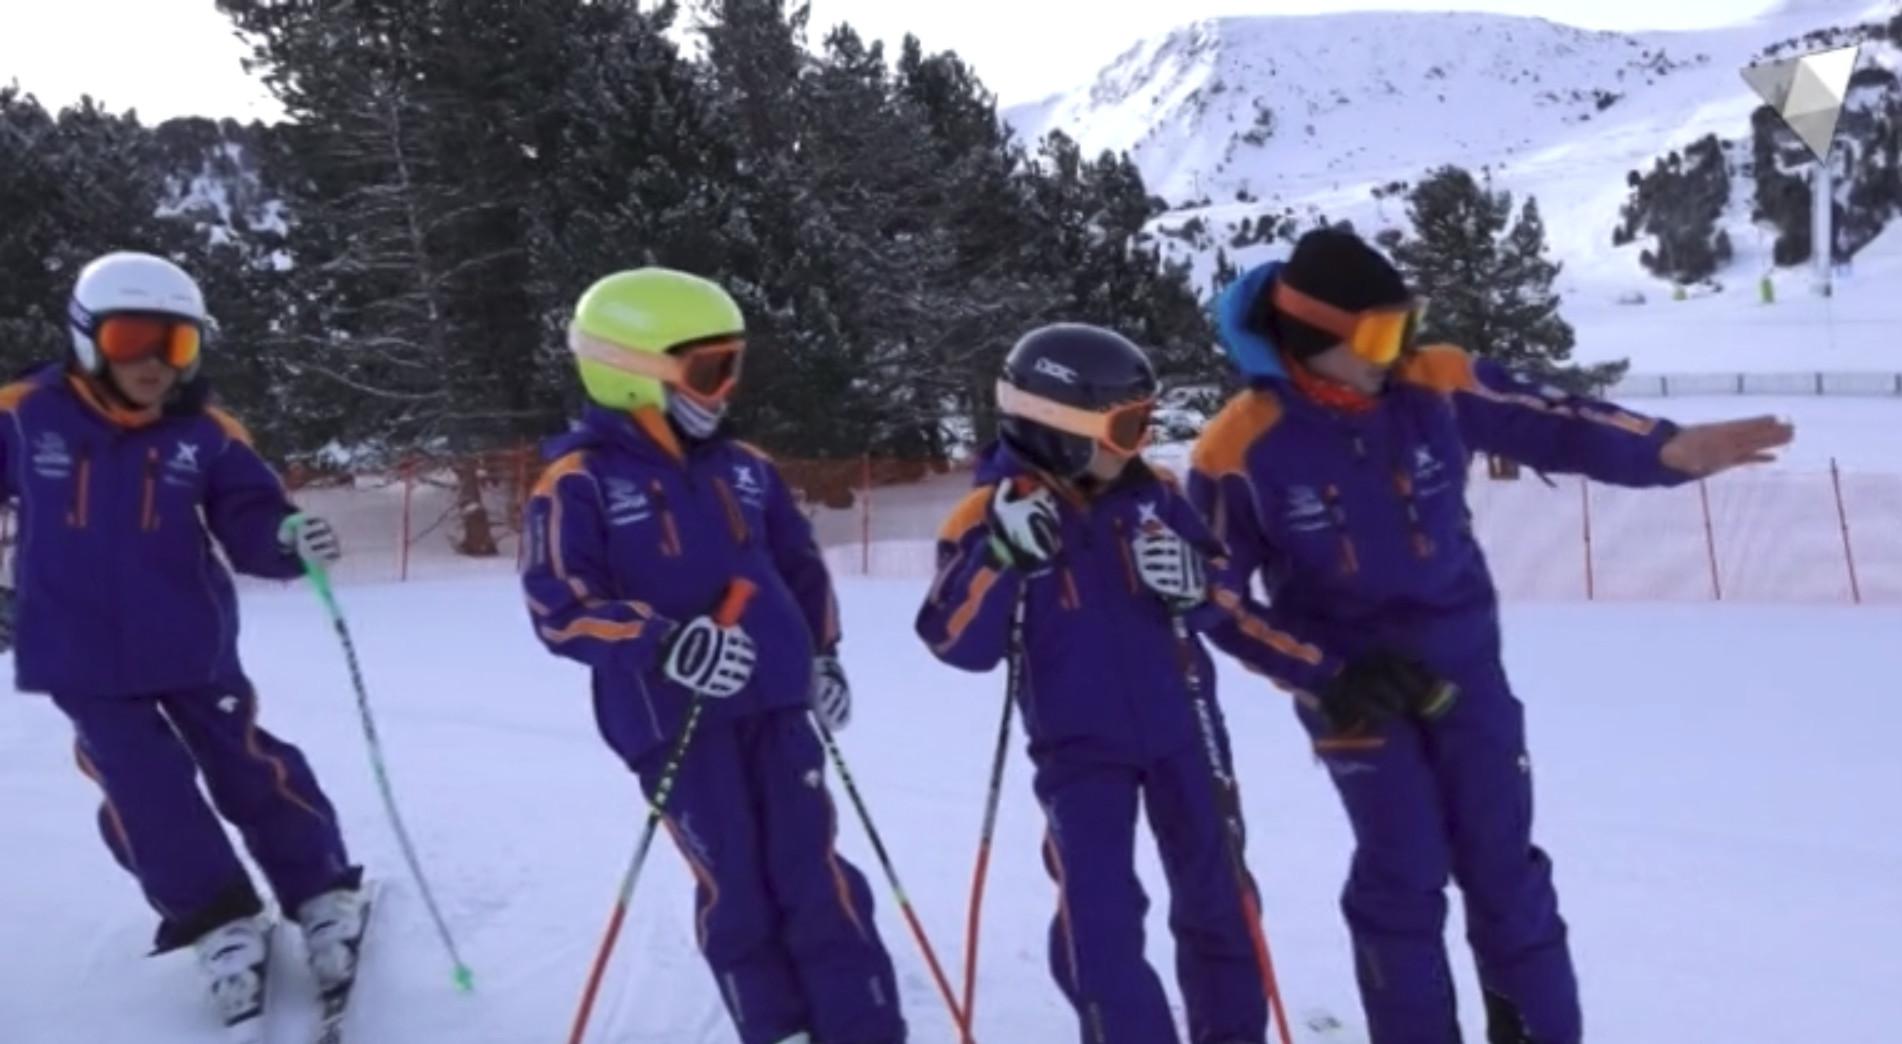 Espai Neu - Esquí de formació, productes gurmet i freestyle amateur